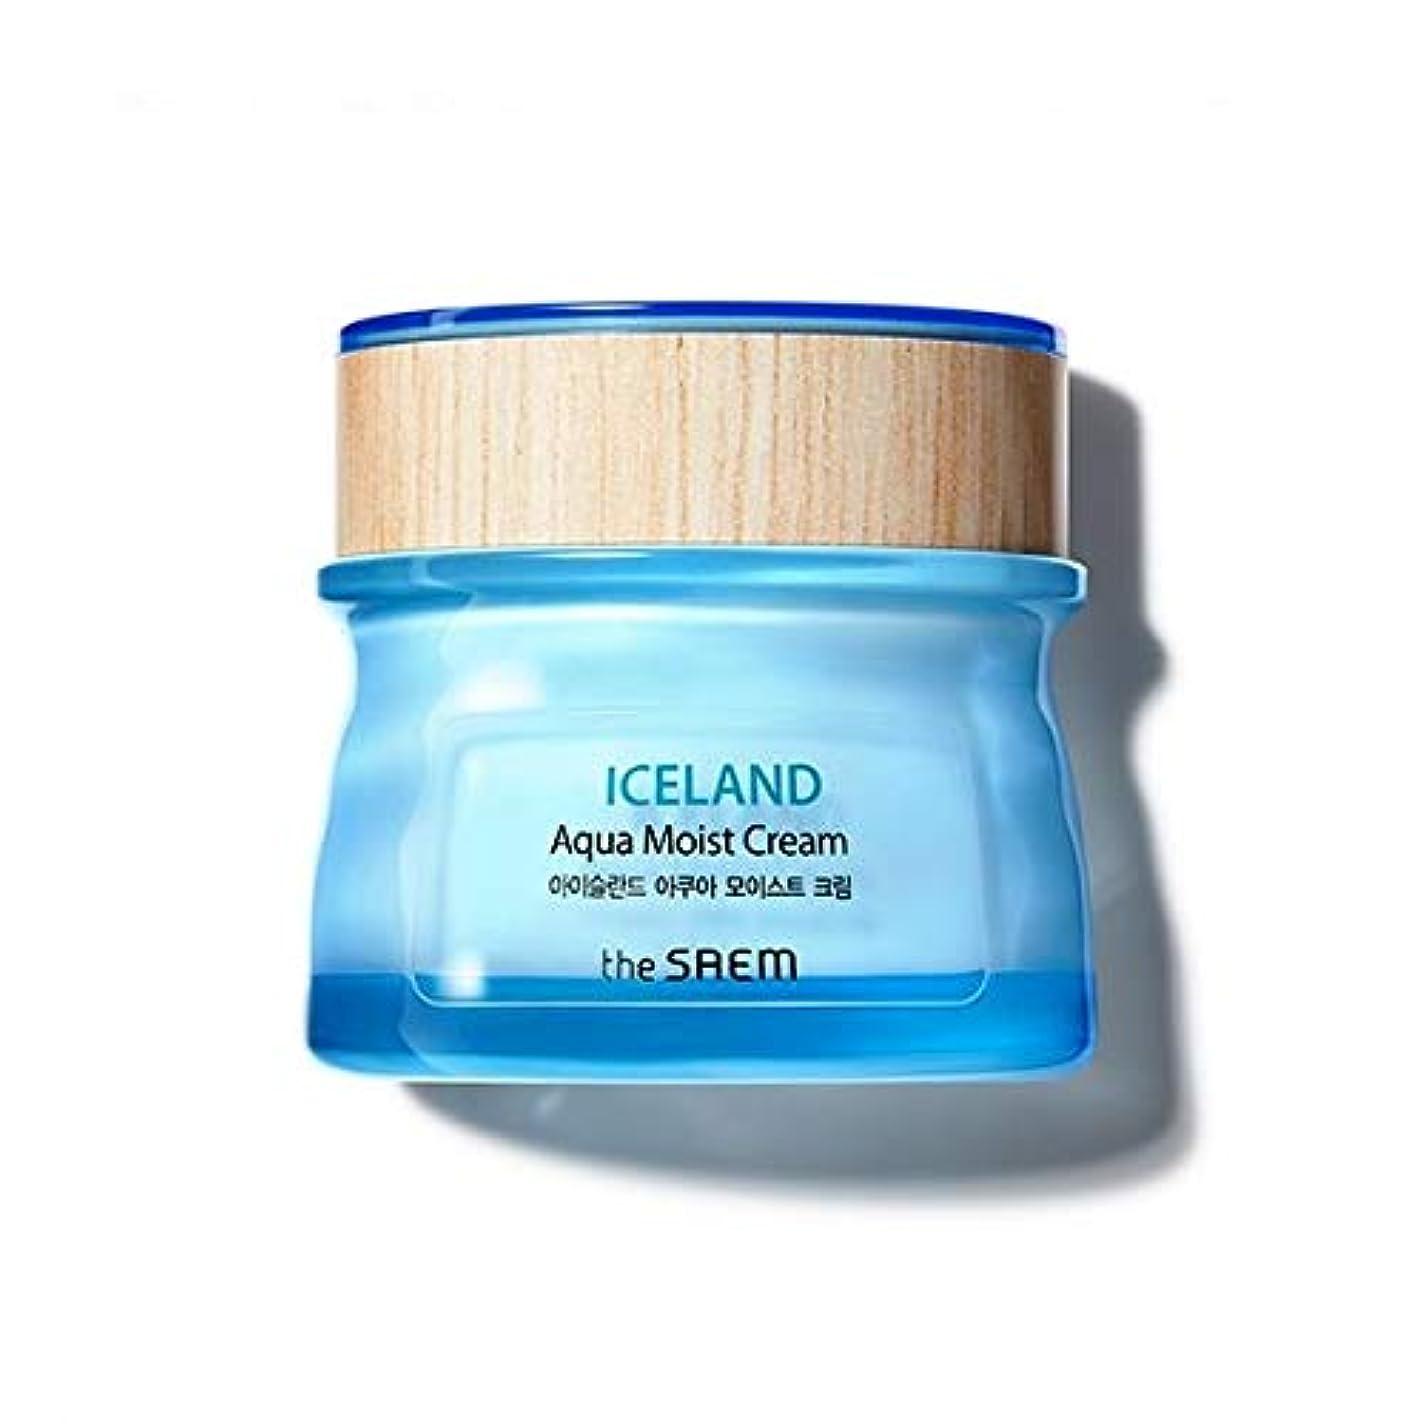 してはいけない懇願するコインランドリーThe saem Iceland Apua Moist Cream ザセム アイスランド アクア モイスト クリーム 60ml [並行輸入品]